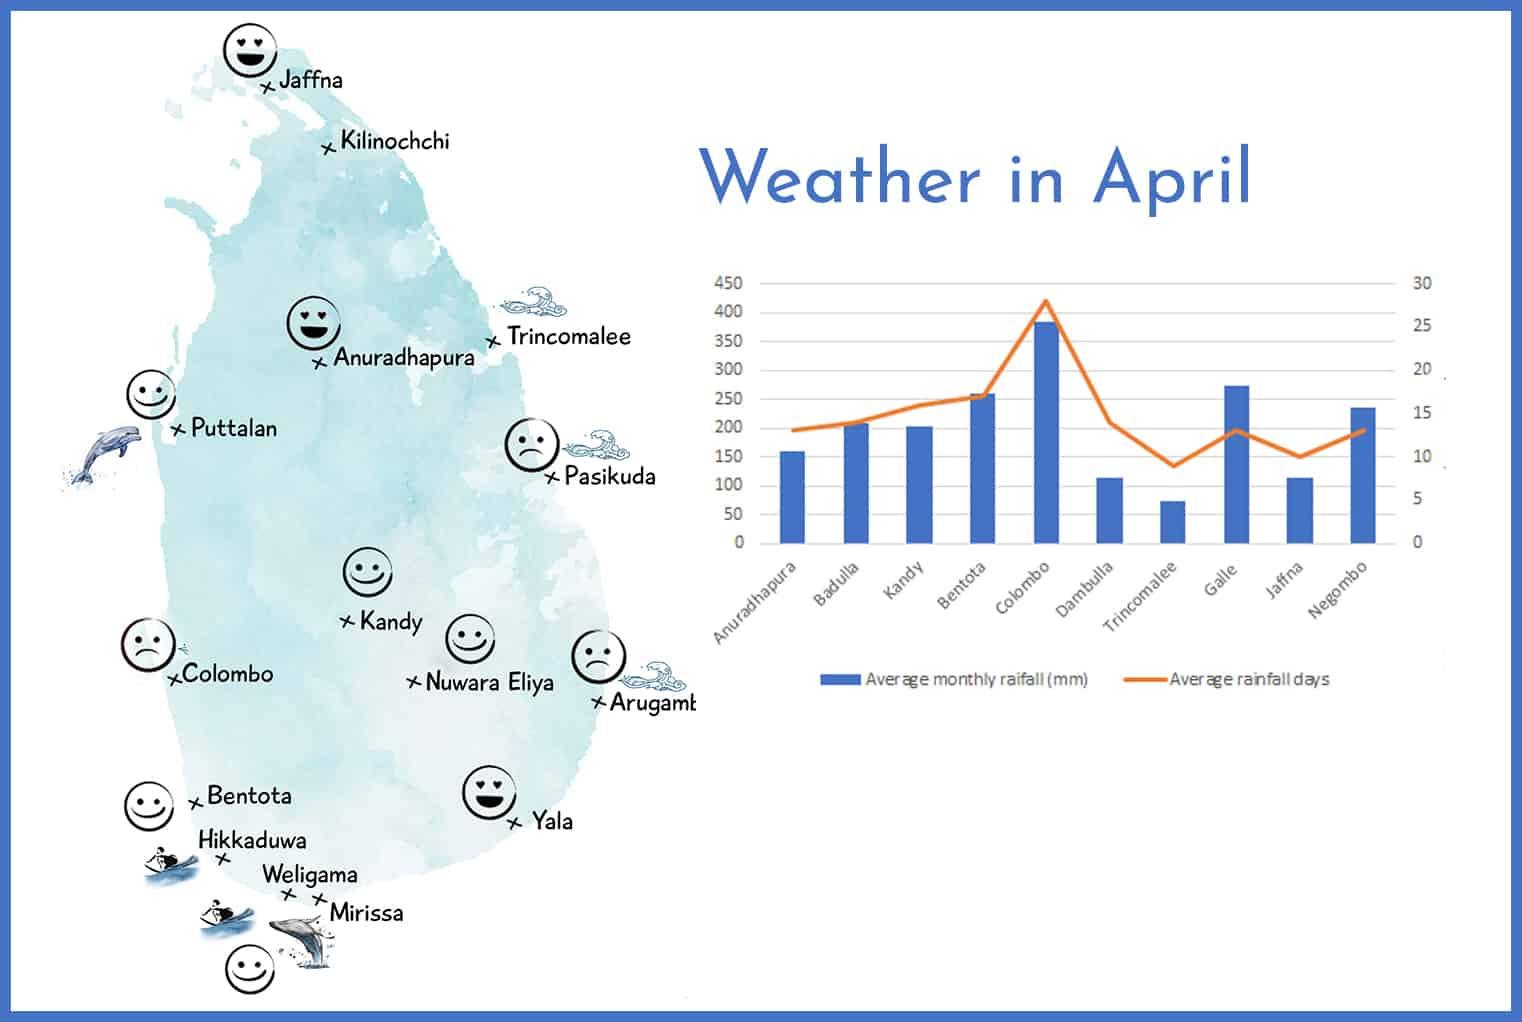 Weather in Sri Lanka in April